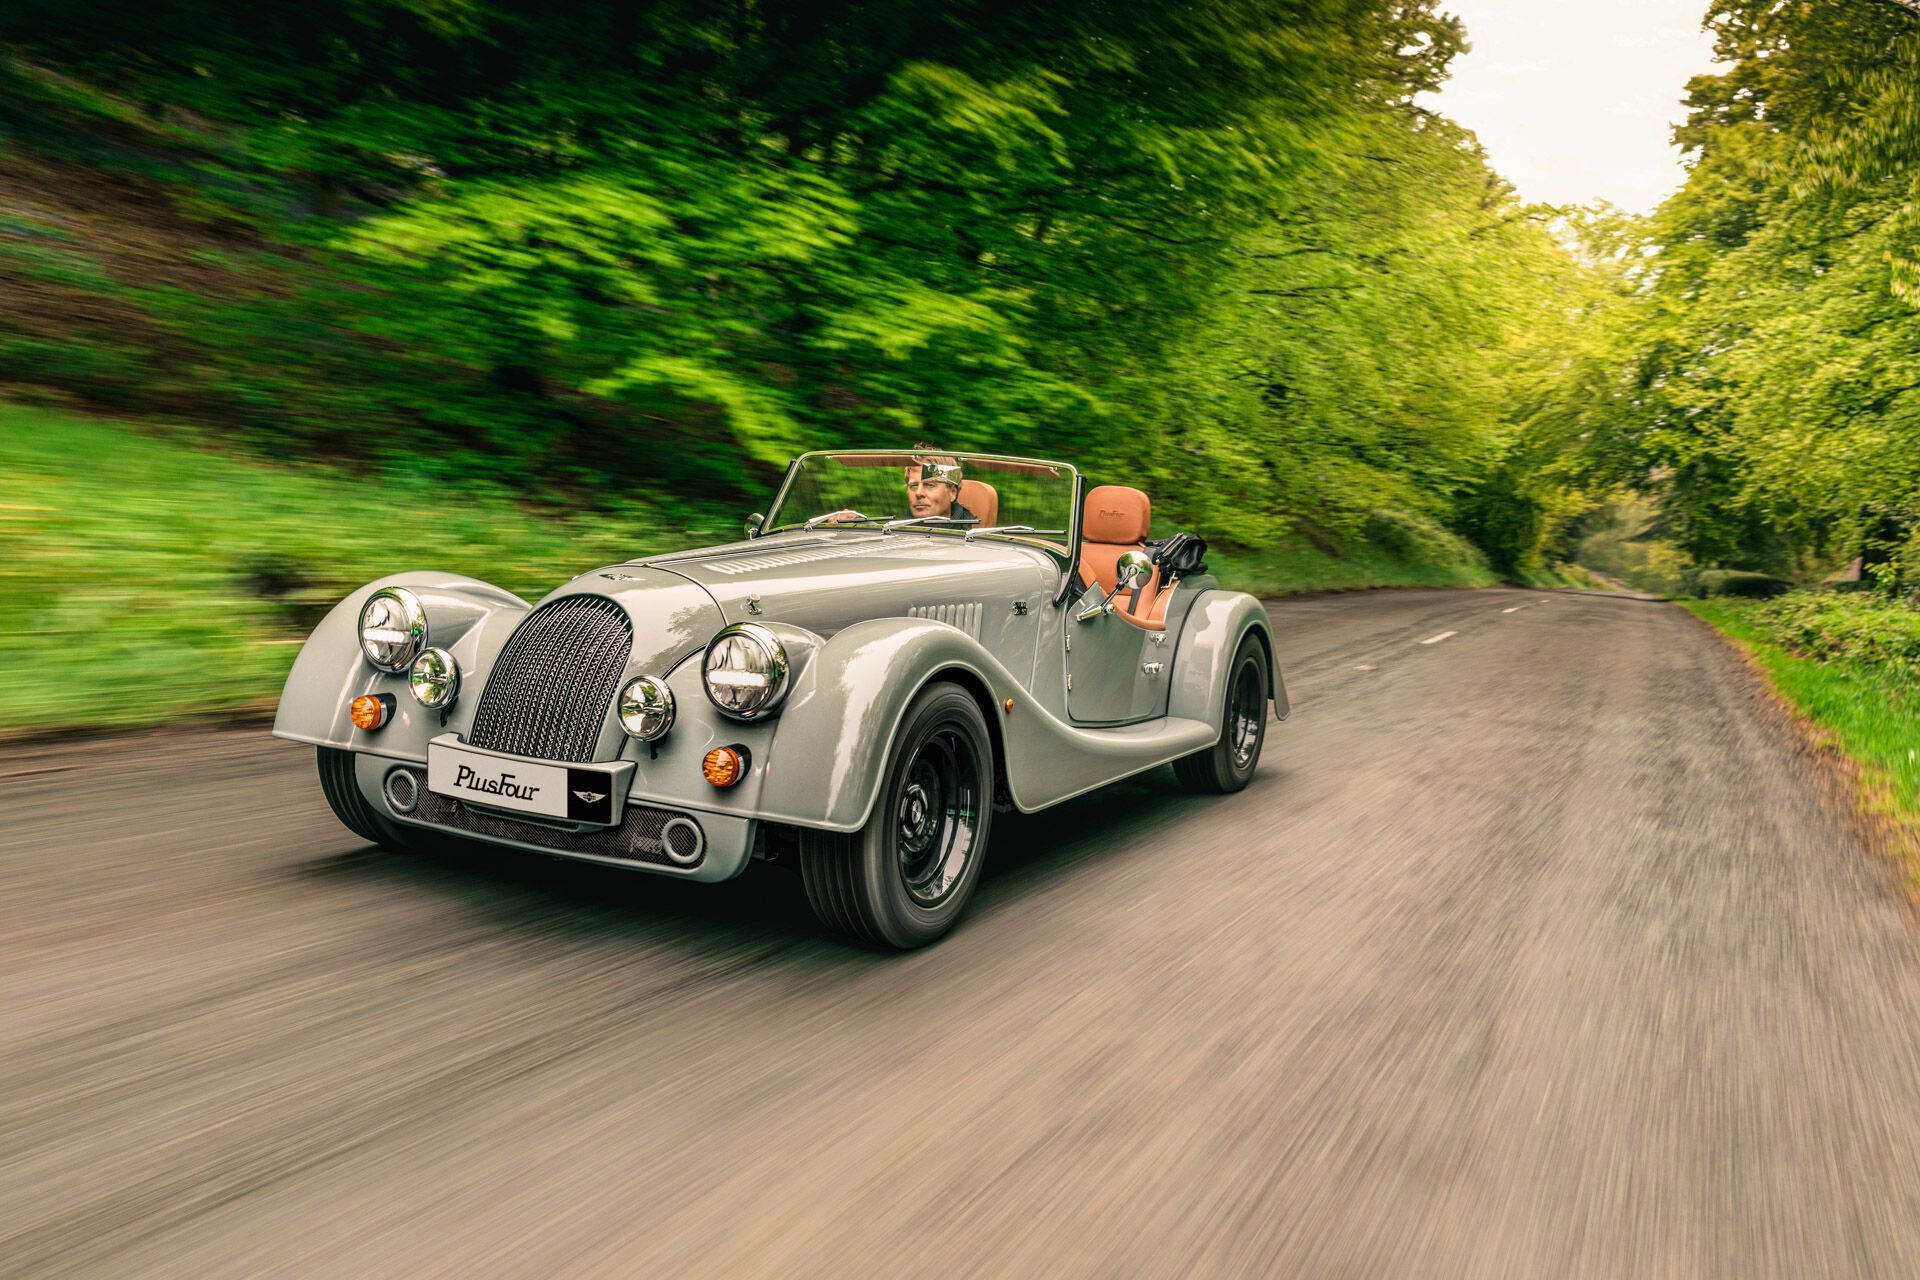 Morgan PlusFour имеет под капотом 4-цилиндровый мотор BMW мощностью 258 л.с.